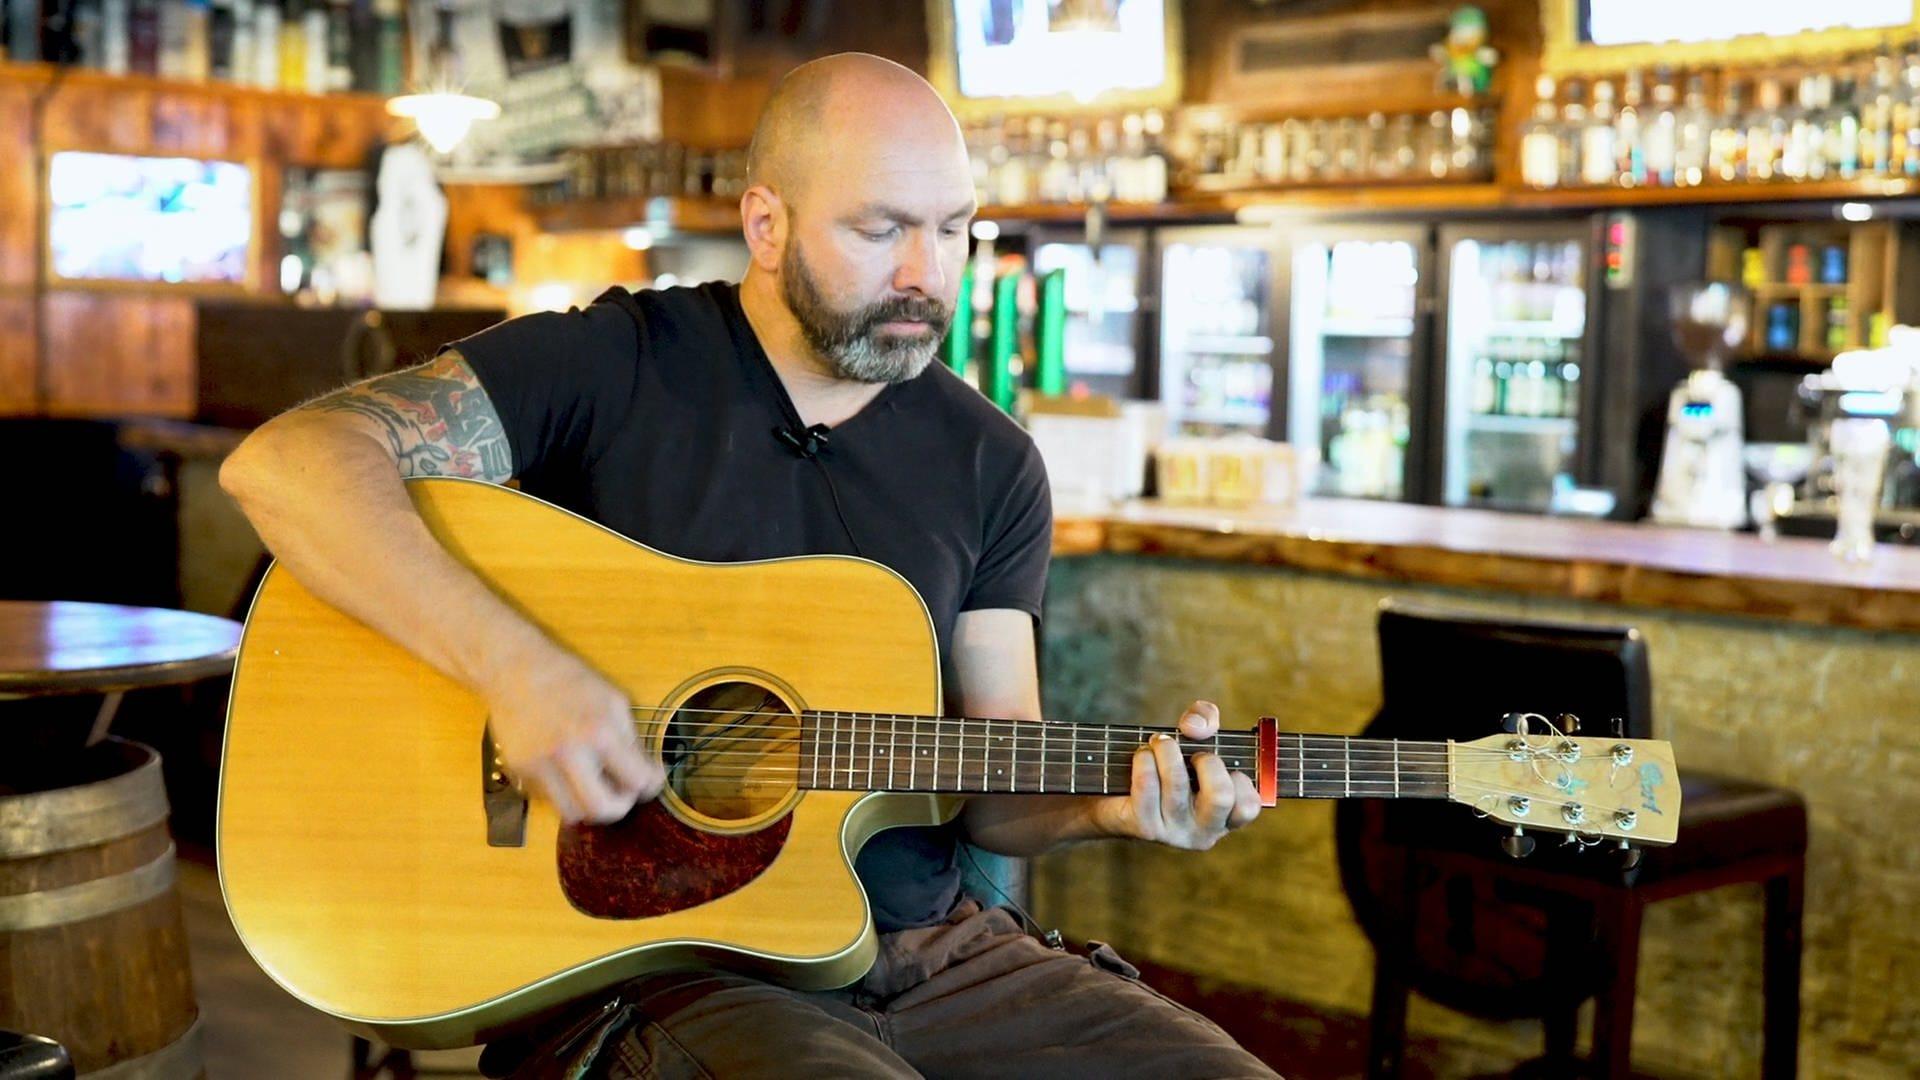 Taio ist Straßenmusiker und spielt Gitarre in einer Bar